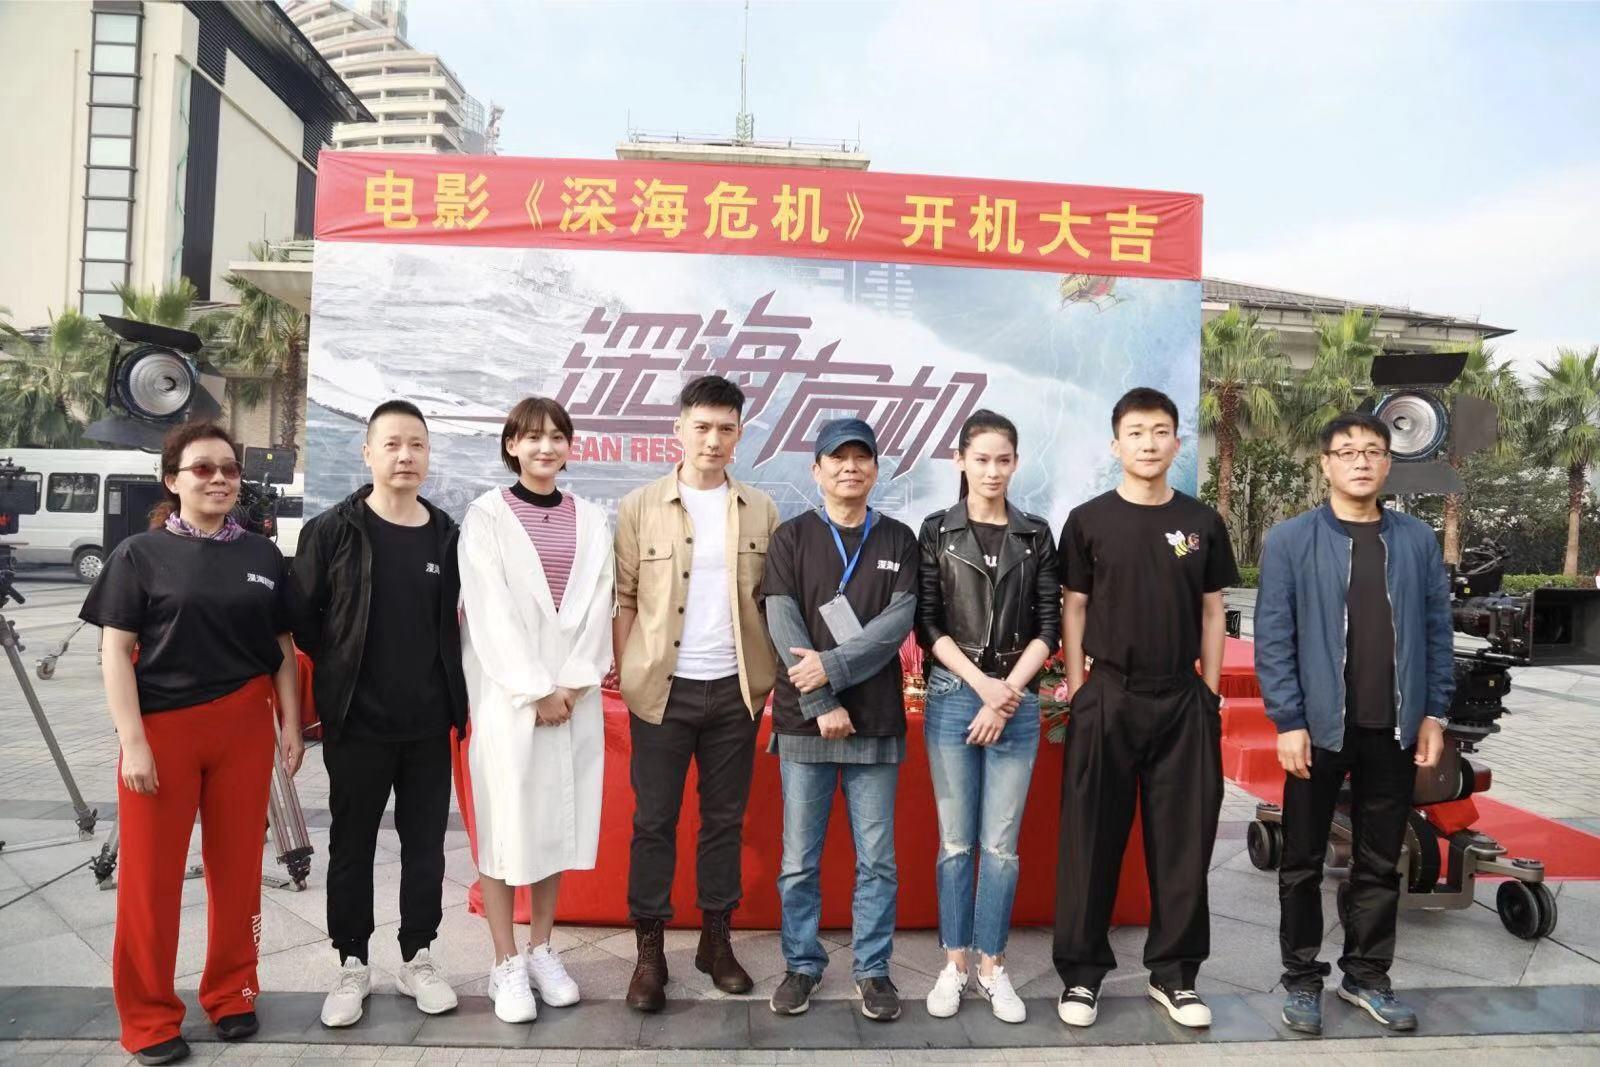 黄建新监制电影《深海危机》开机 吴昊宸挑战铁血海军特战兵